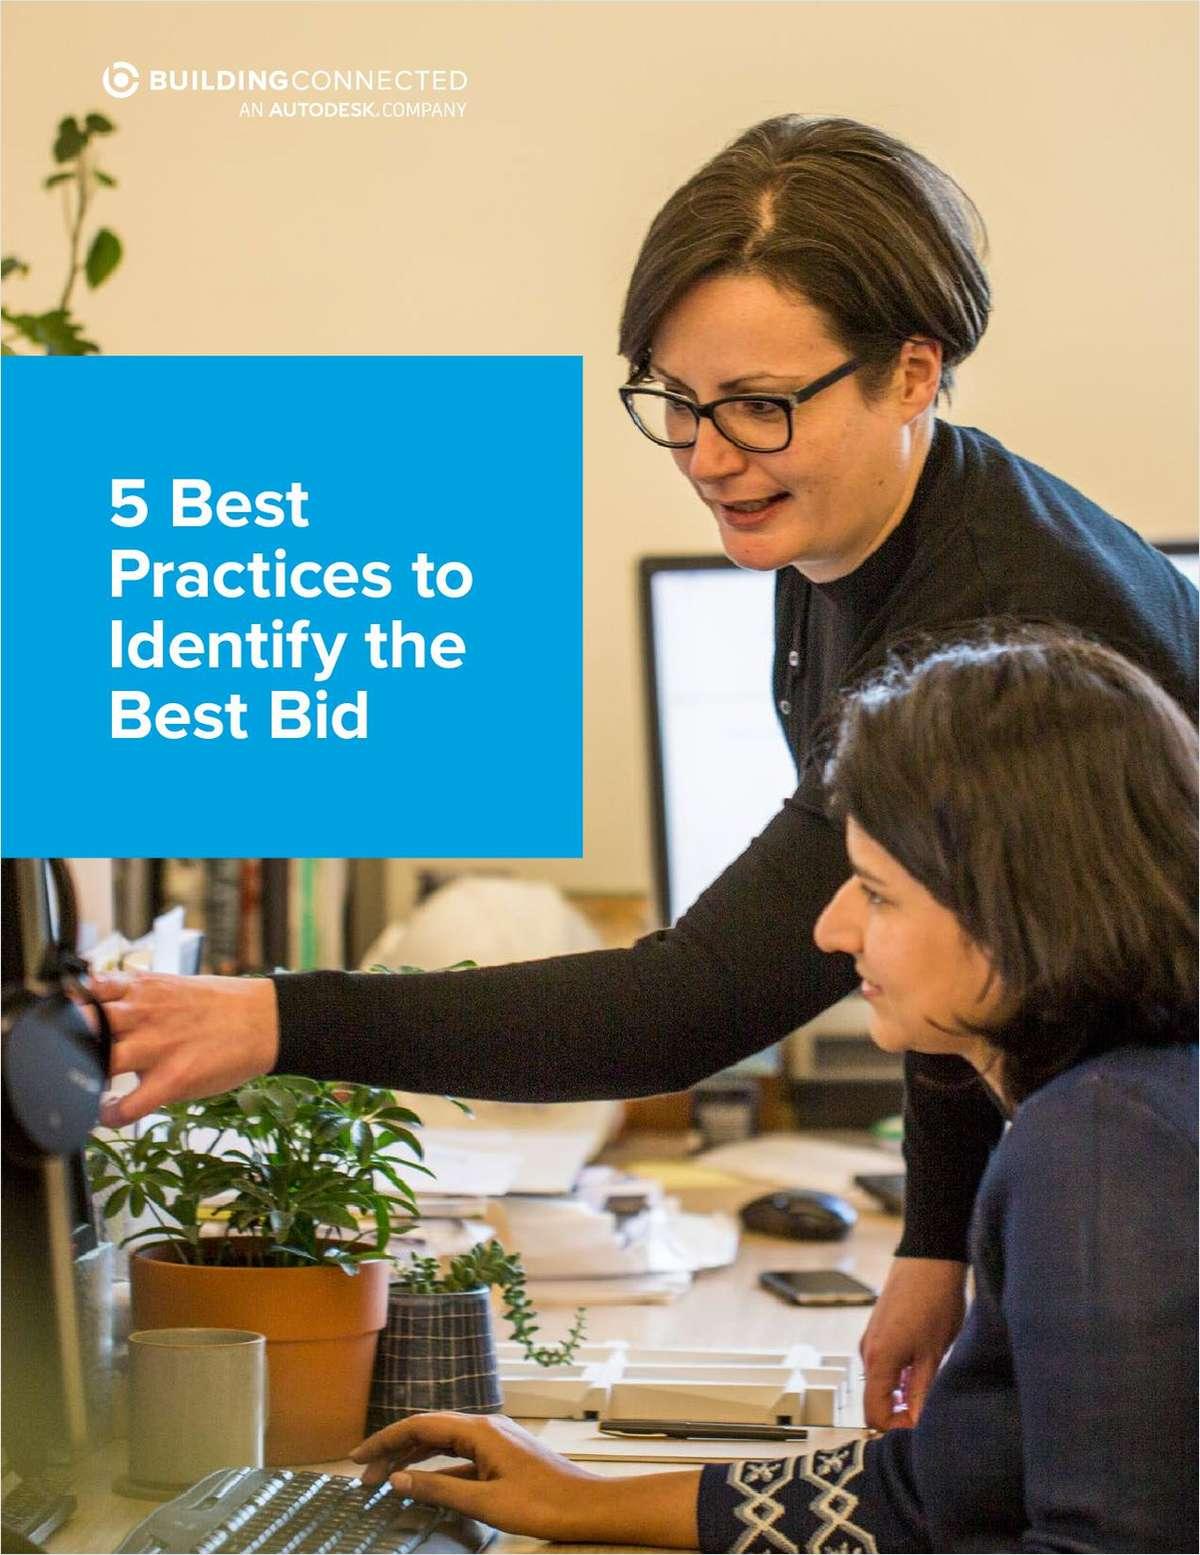 5 Best Practices to Identify the Best Bid